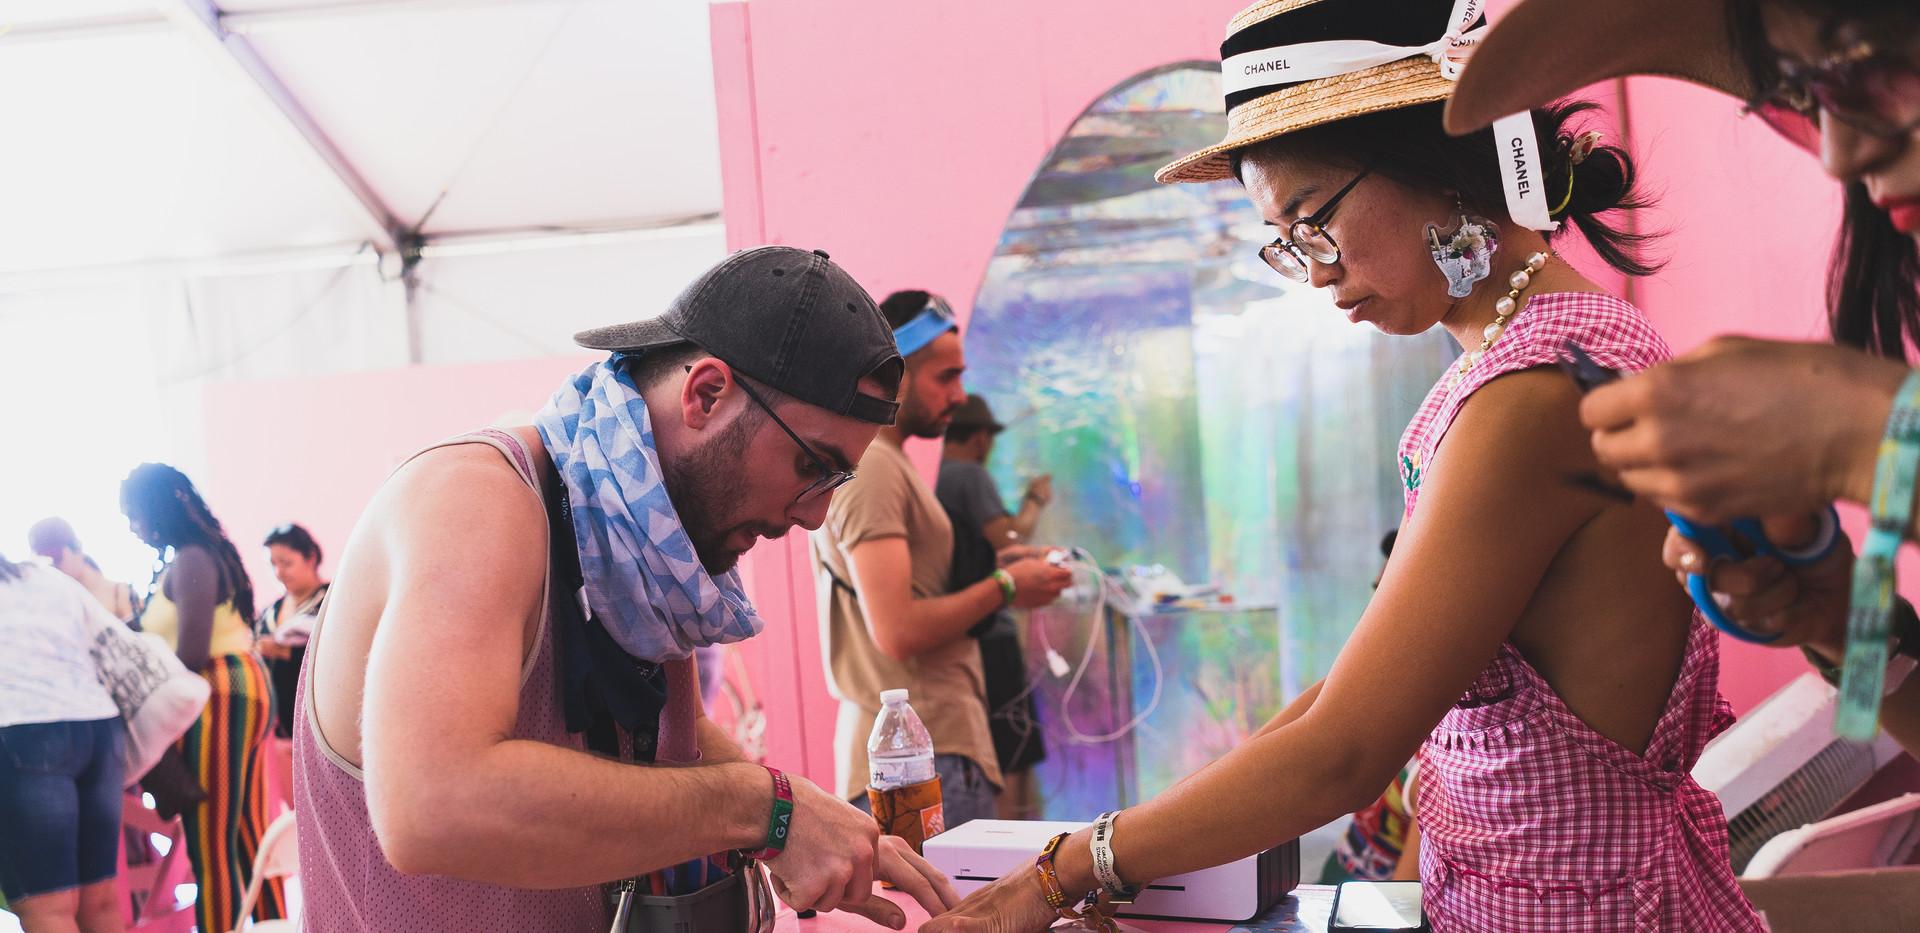 Coachella Art Studios 2019 12.jpg